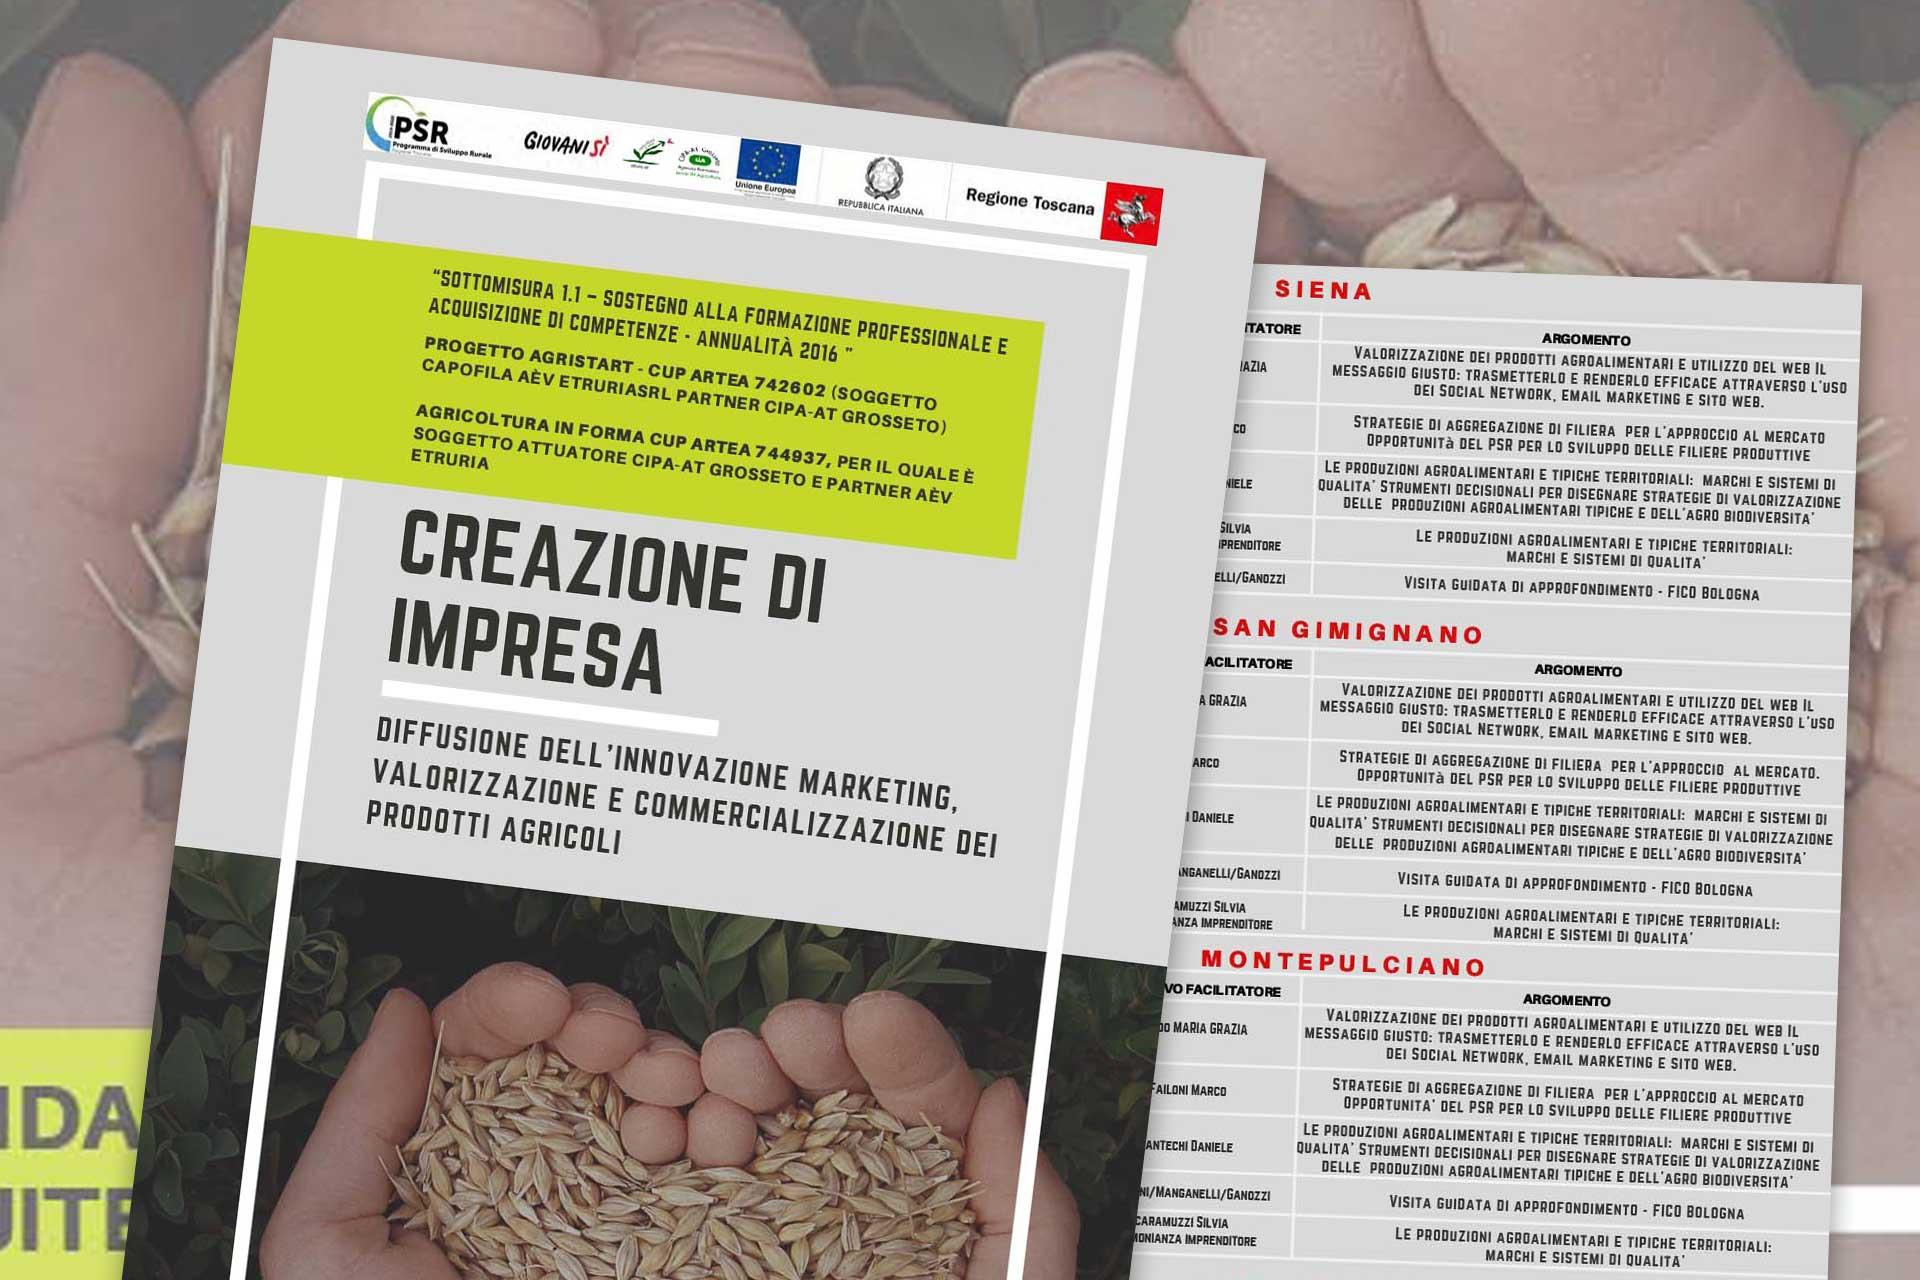 """CORSO GRATUITO / """"Creazione d'impresa"""", sedi di svolgimento in provincia di Siena"""